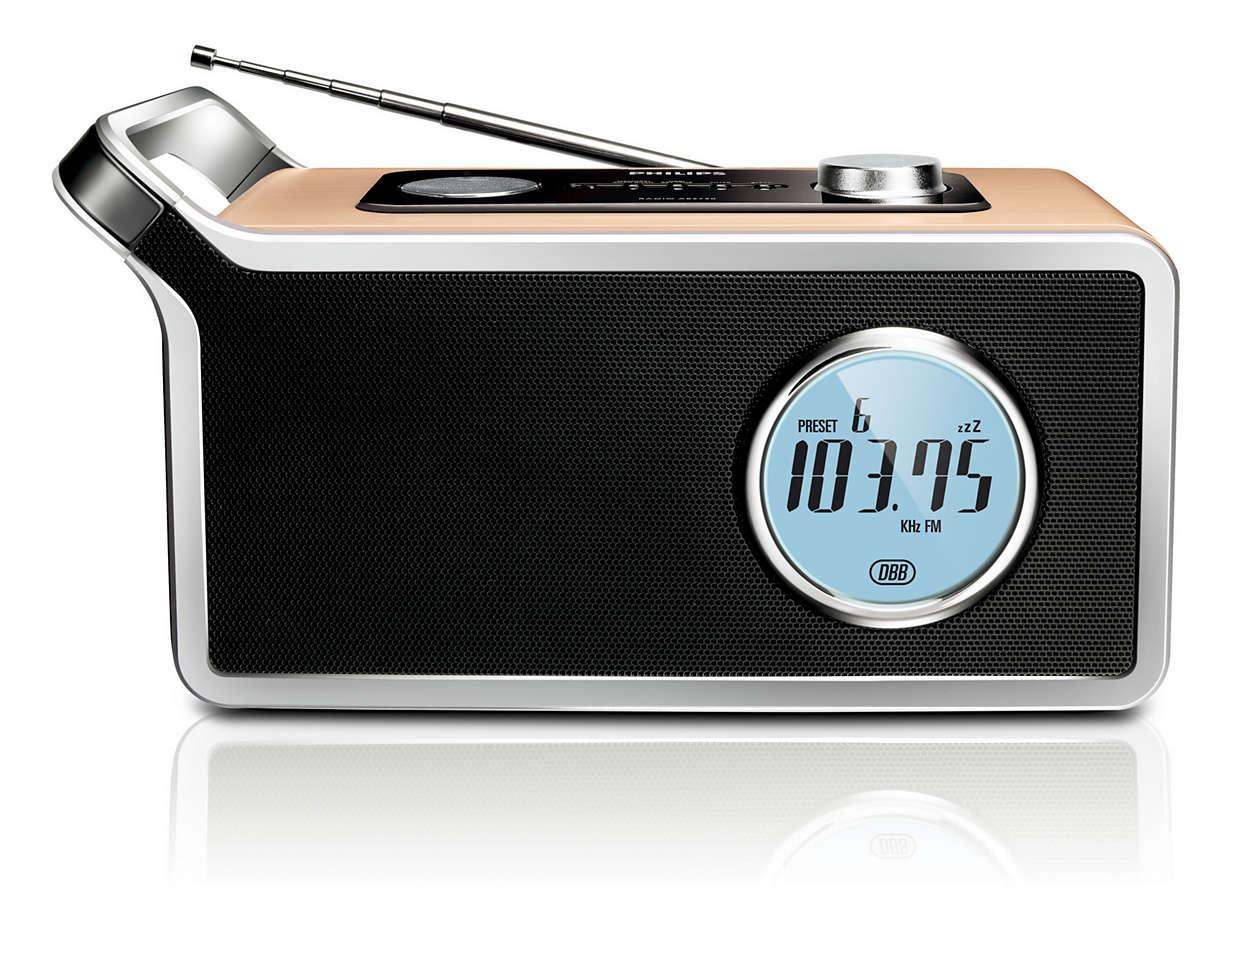 Postul de radio preferat, într-un design clasic